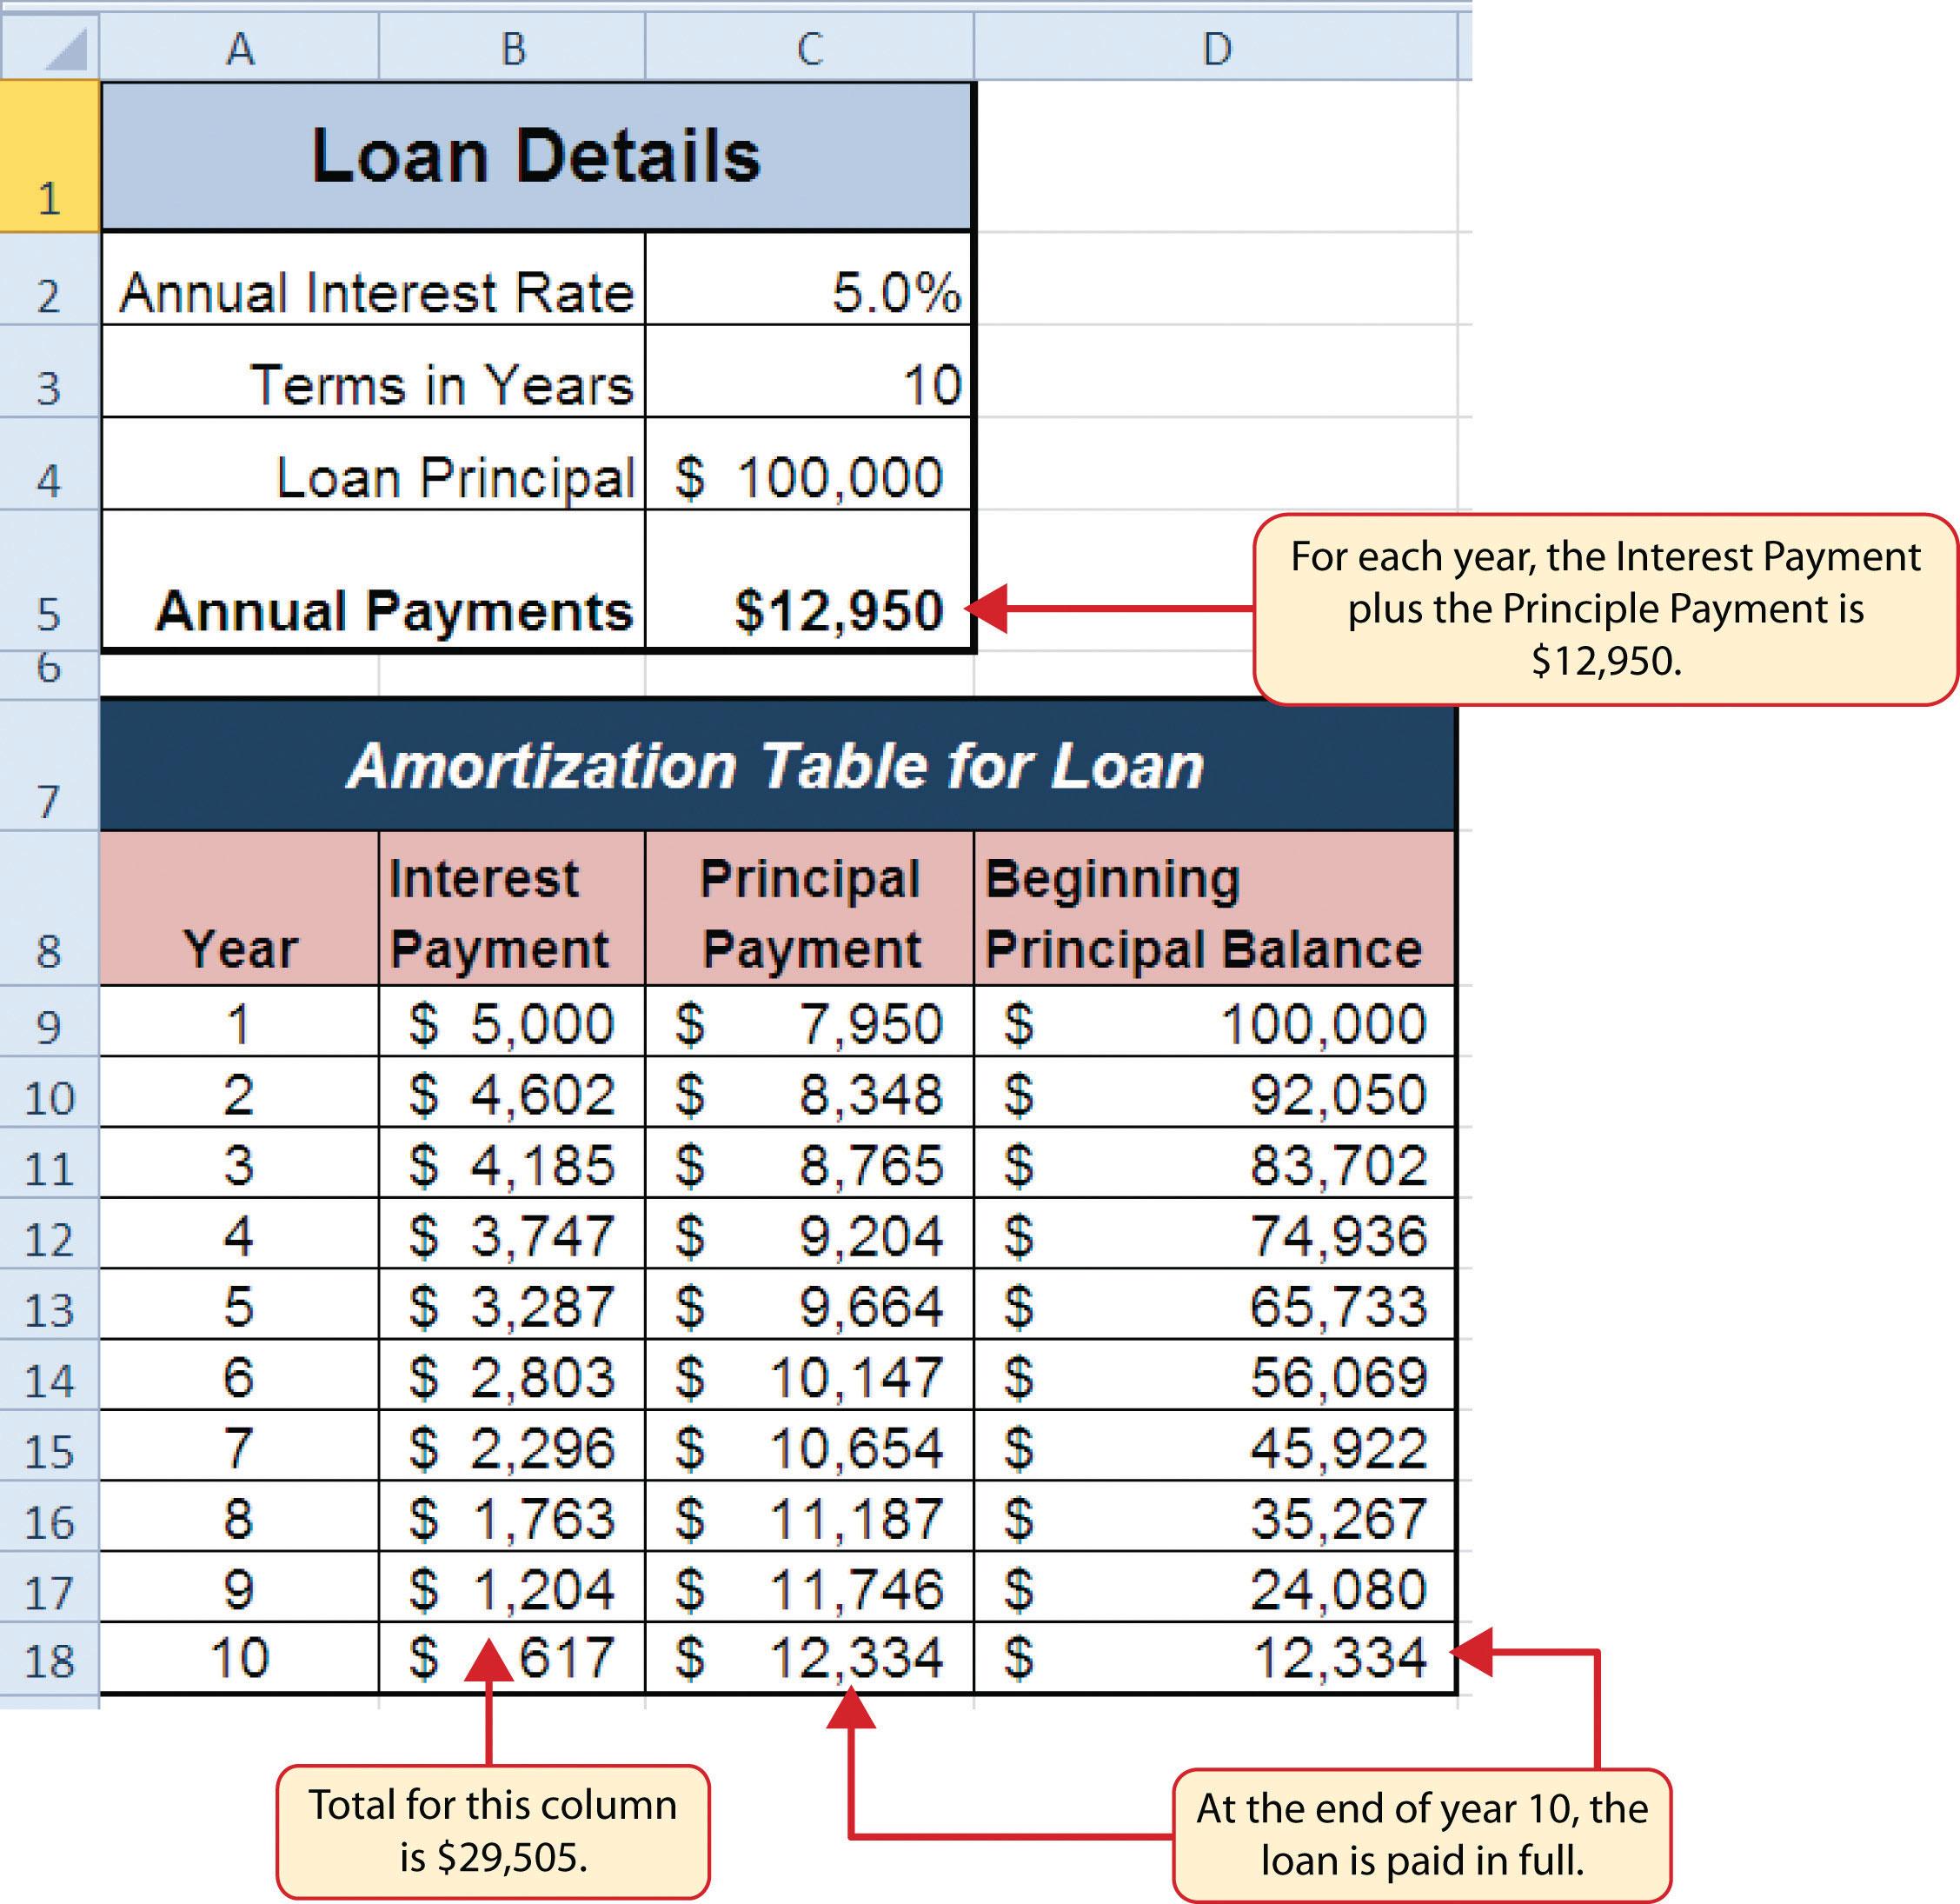 Worksheets Loan Amortization Worksheet car loan amortization schedule excel thebridgesummit co personal table loans 0 apr